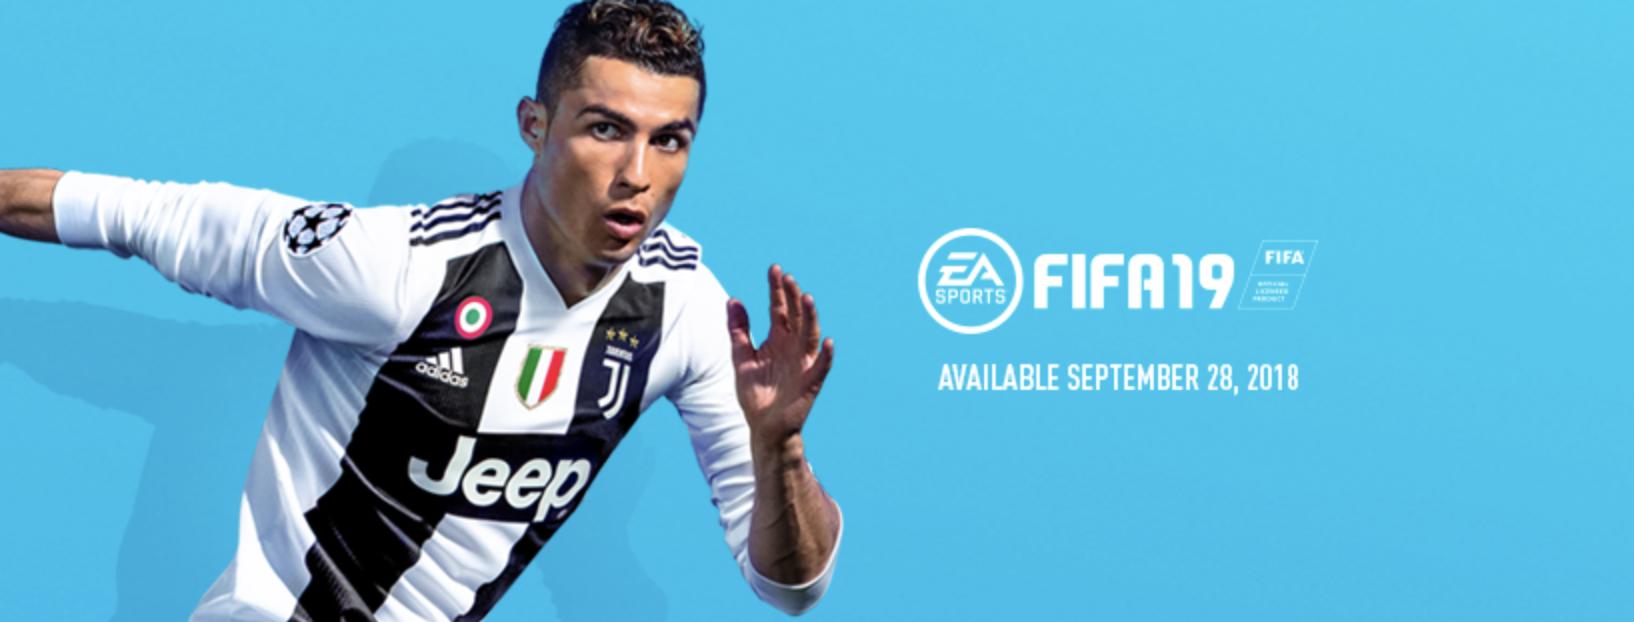 FIFA 19 Pre-Order